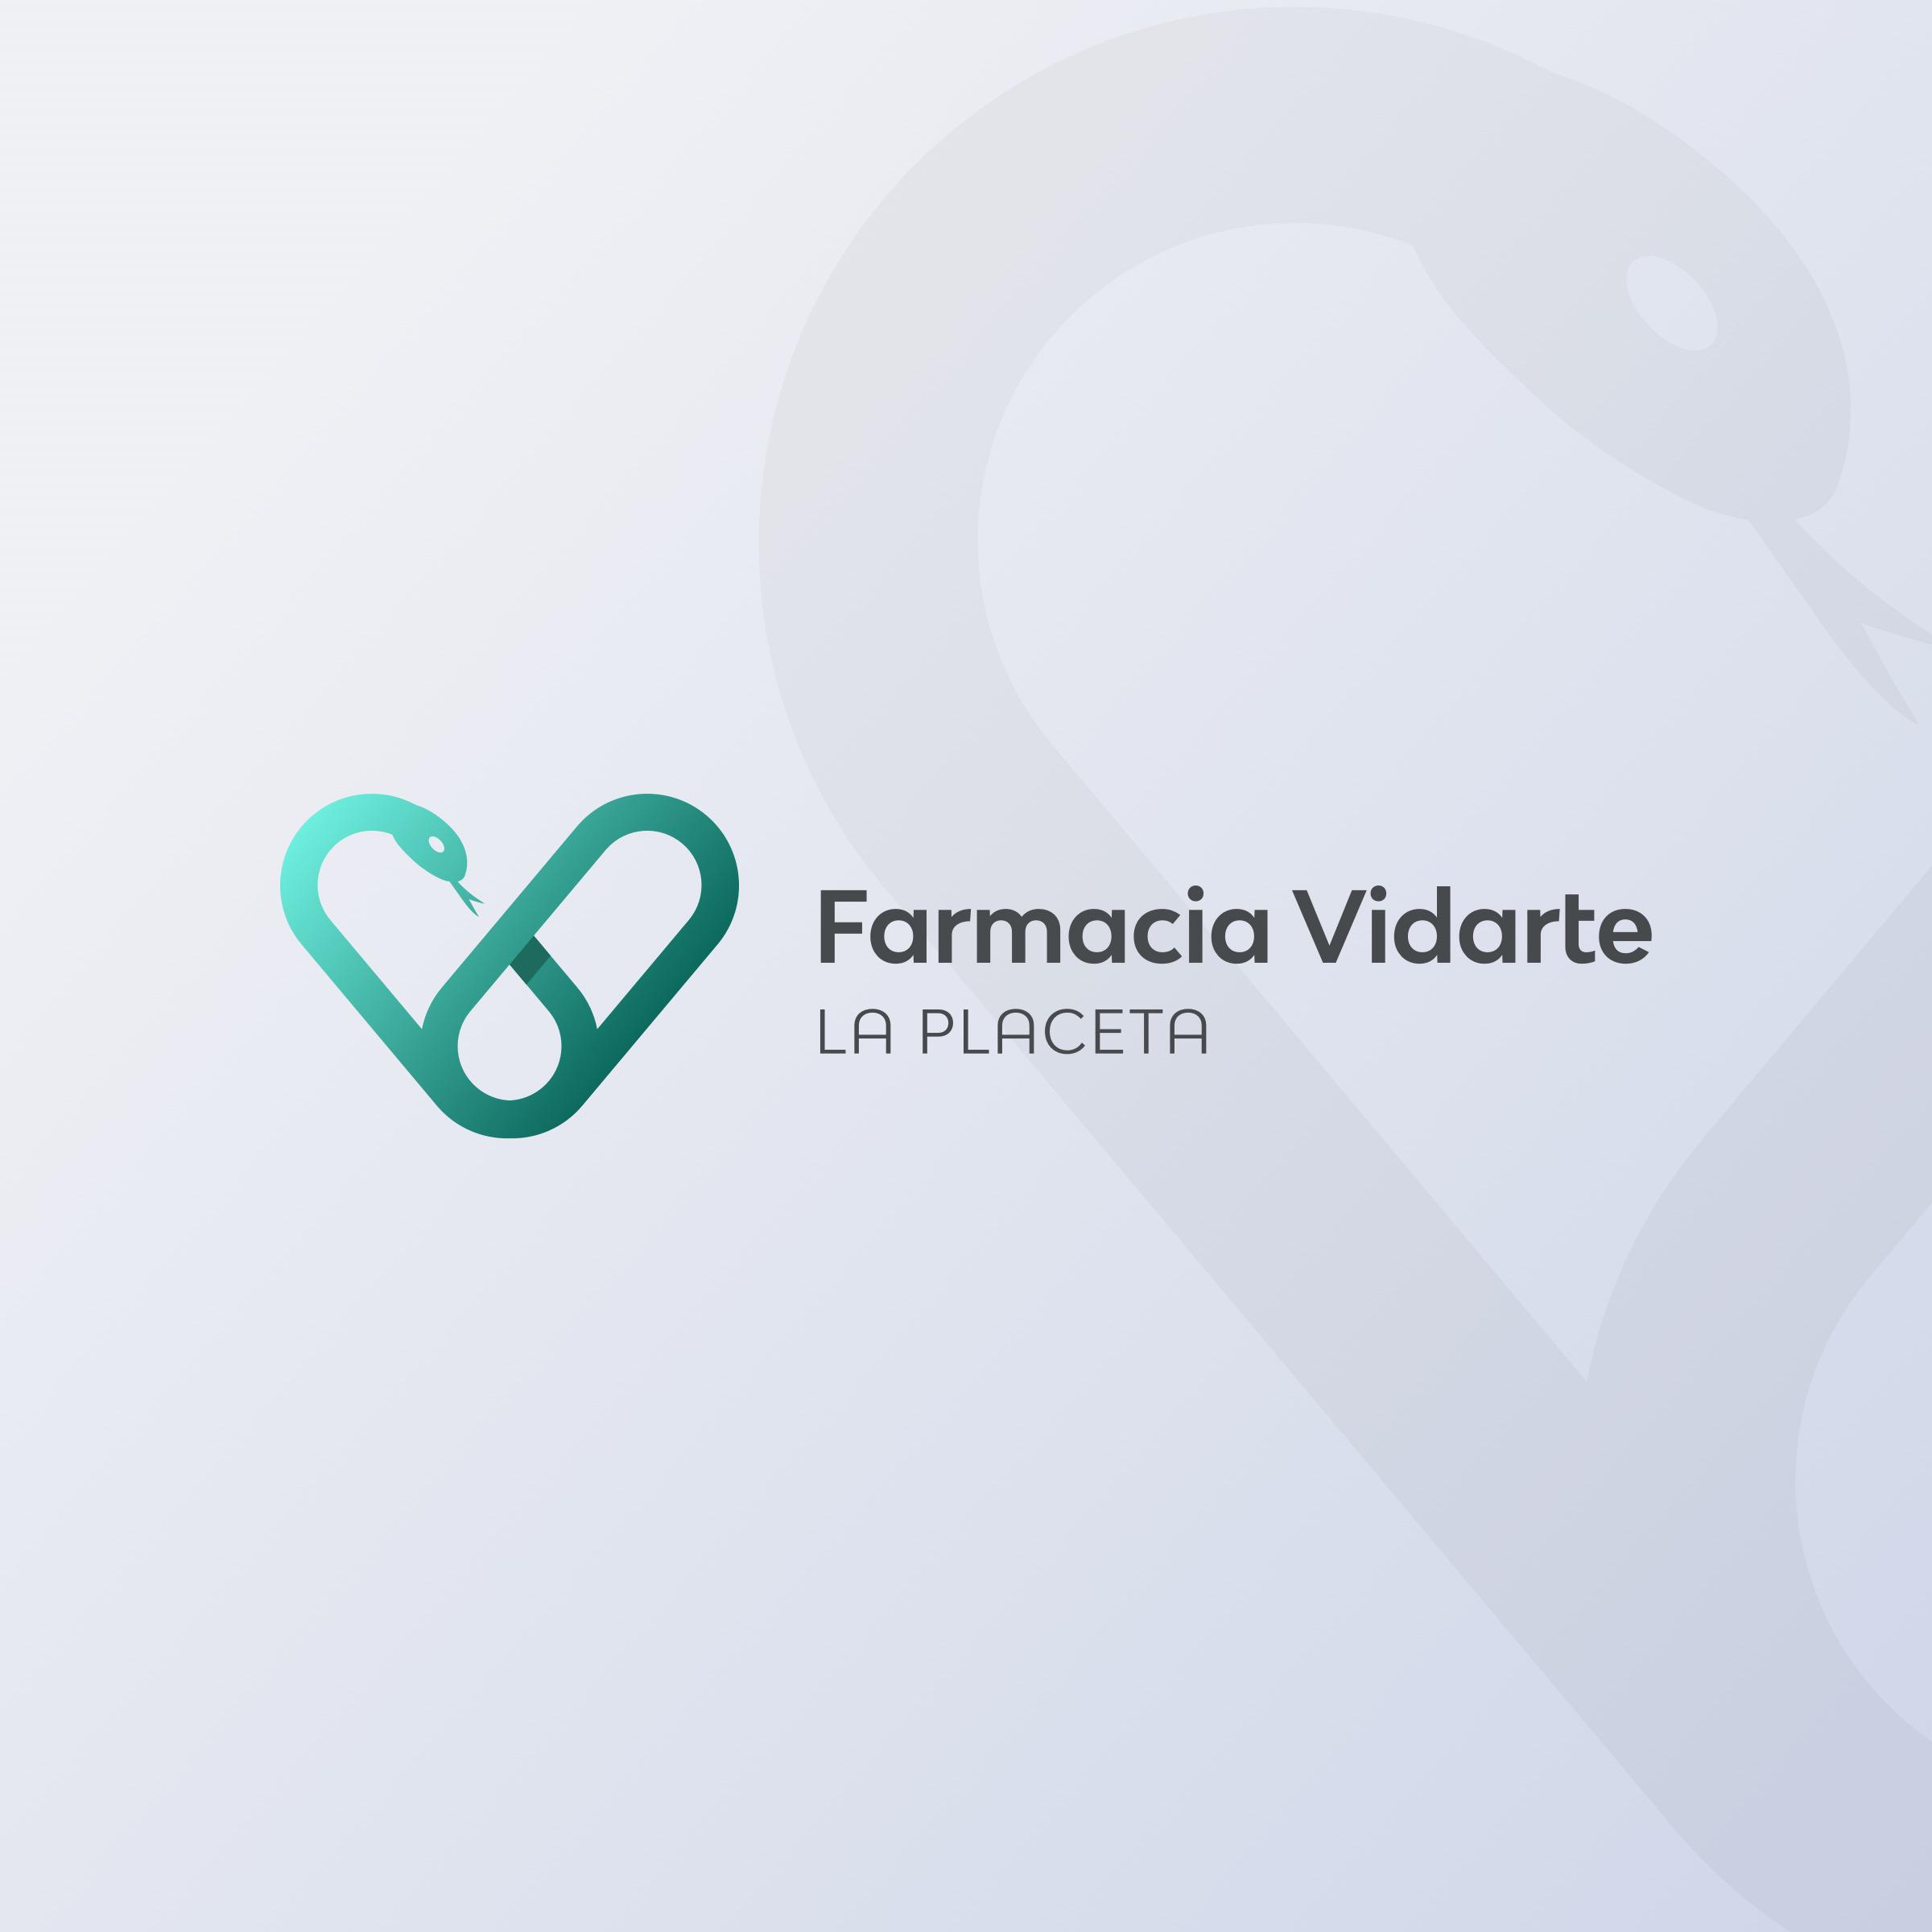 vidarte-logo-wordmark-1x1-2